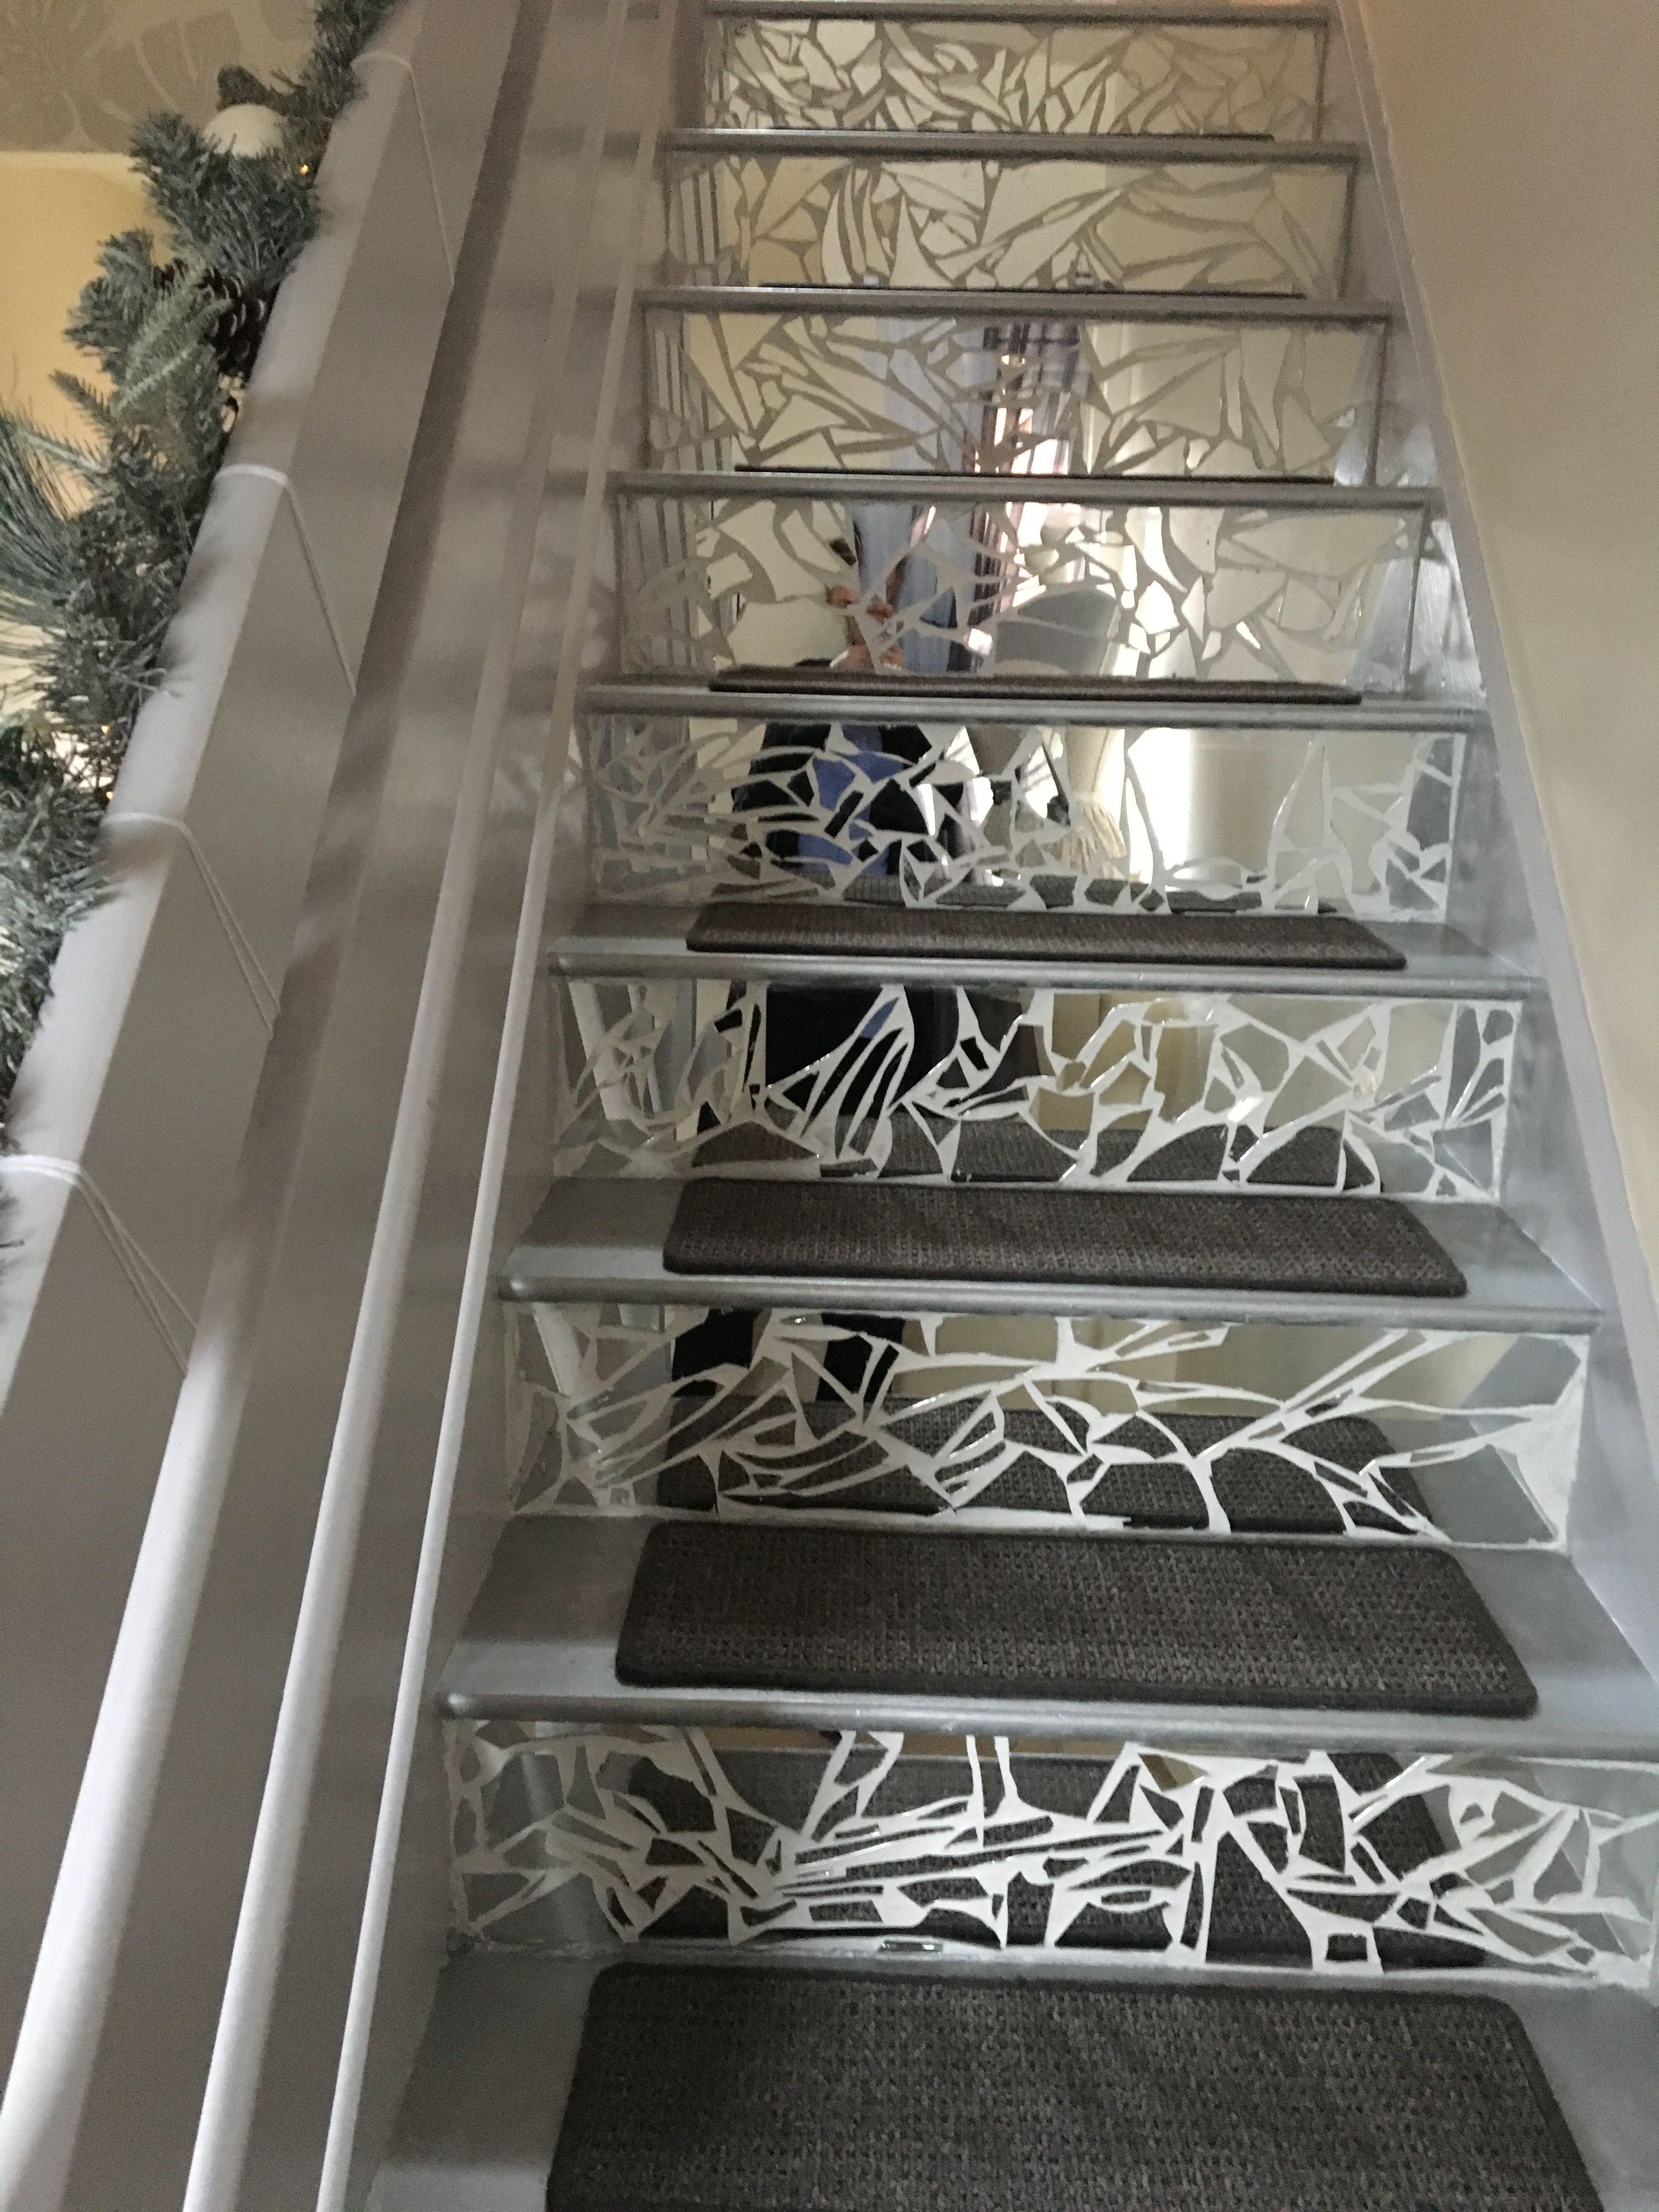 Mirror Mosaic Stairs Dekorasyon In 2019 Mosaic Stairs